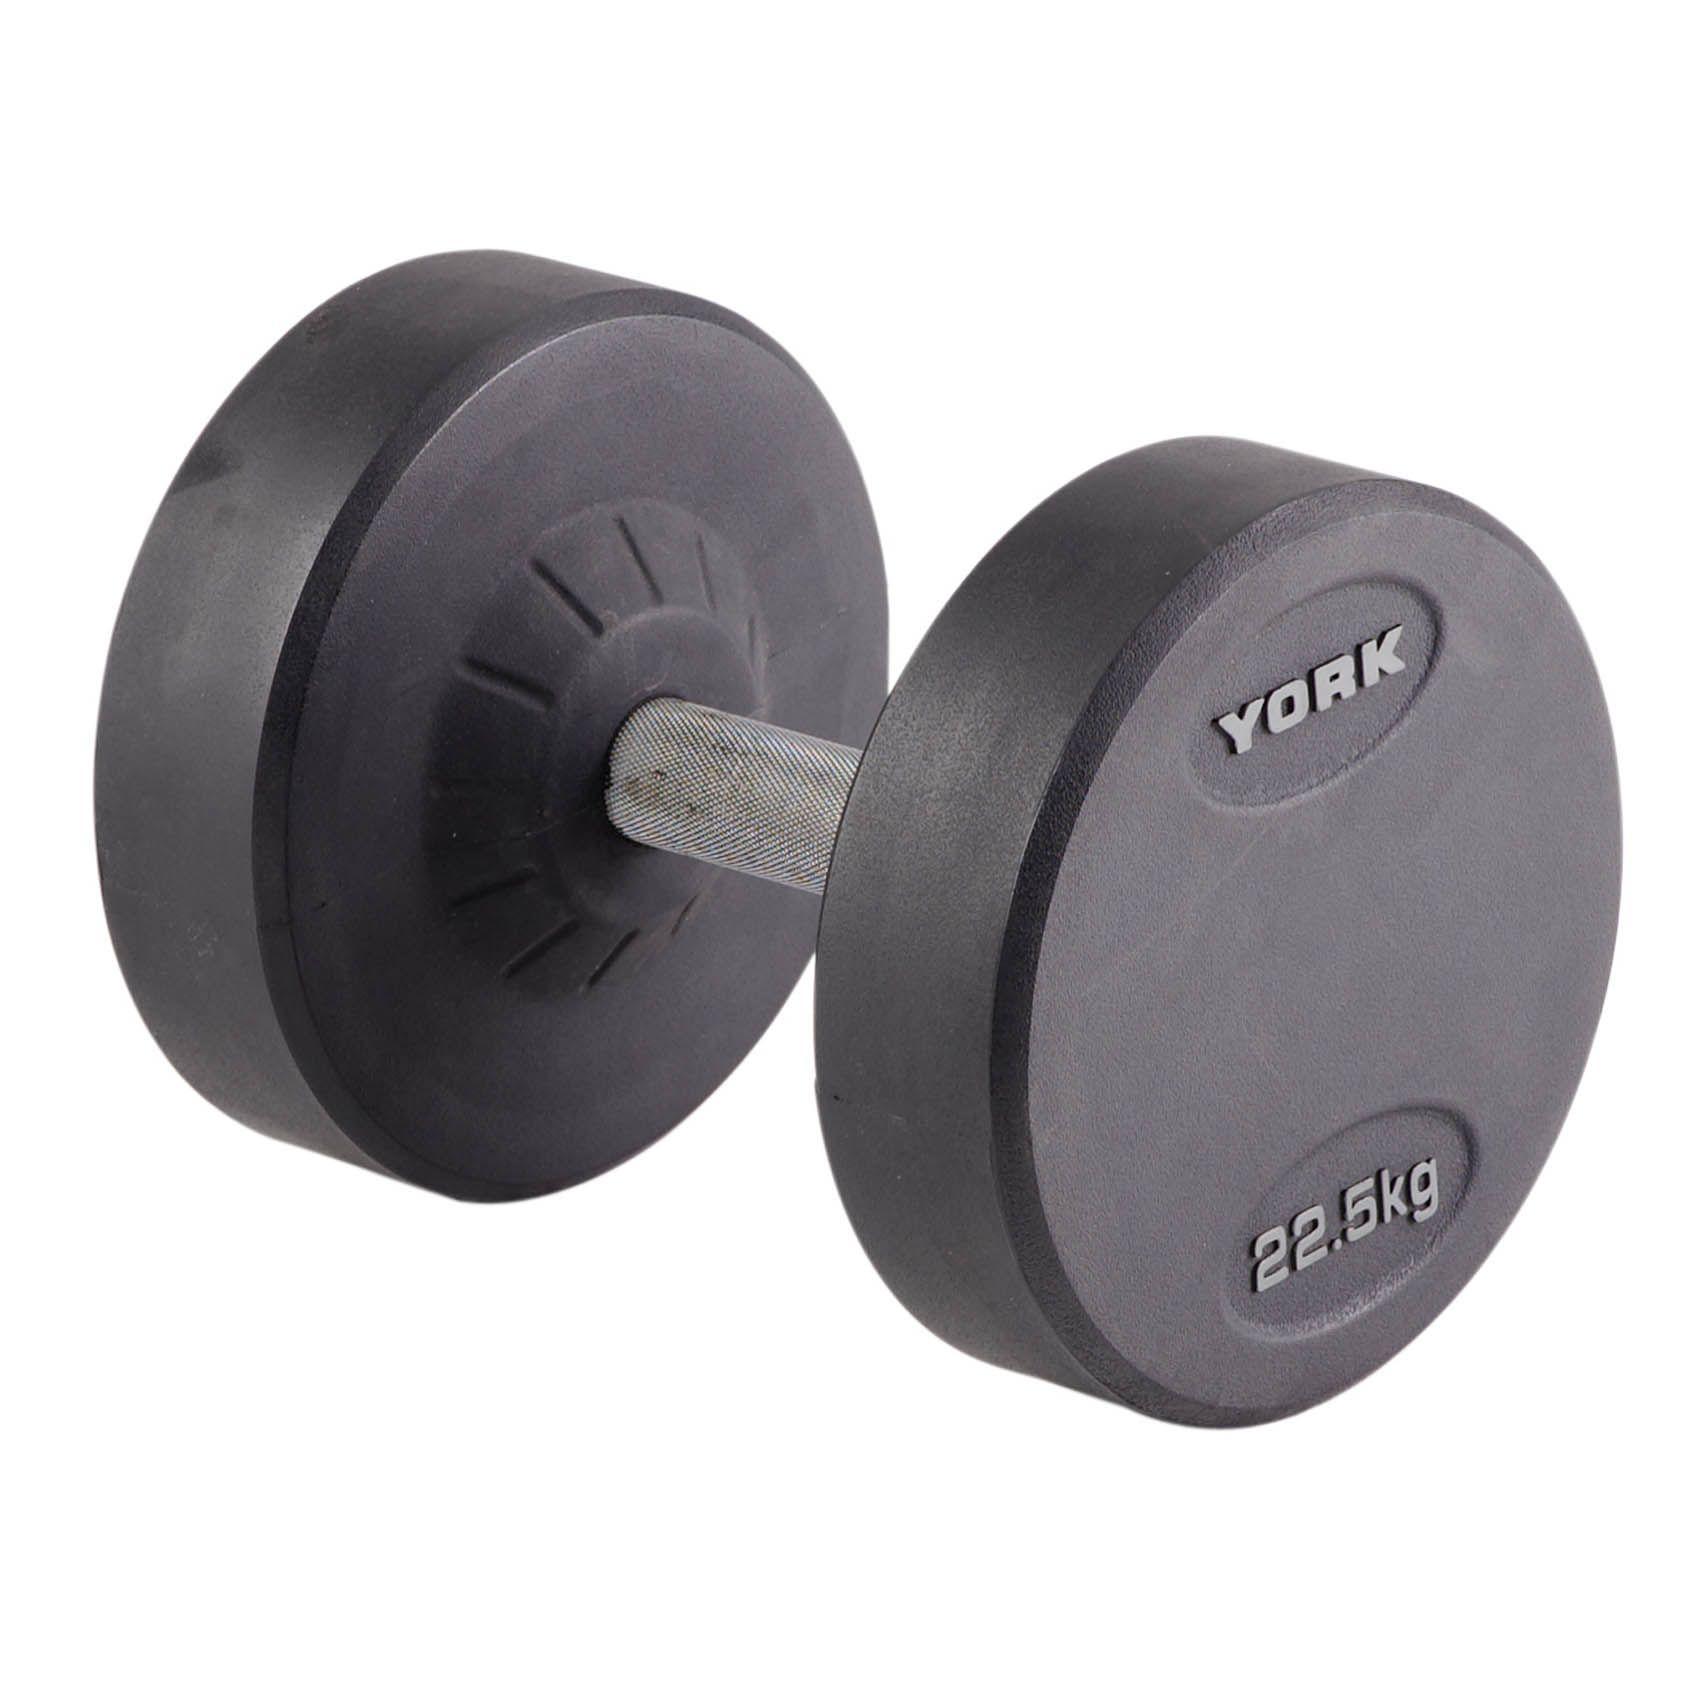 York 22.5kg Pro-Style Dumbbell